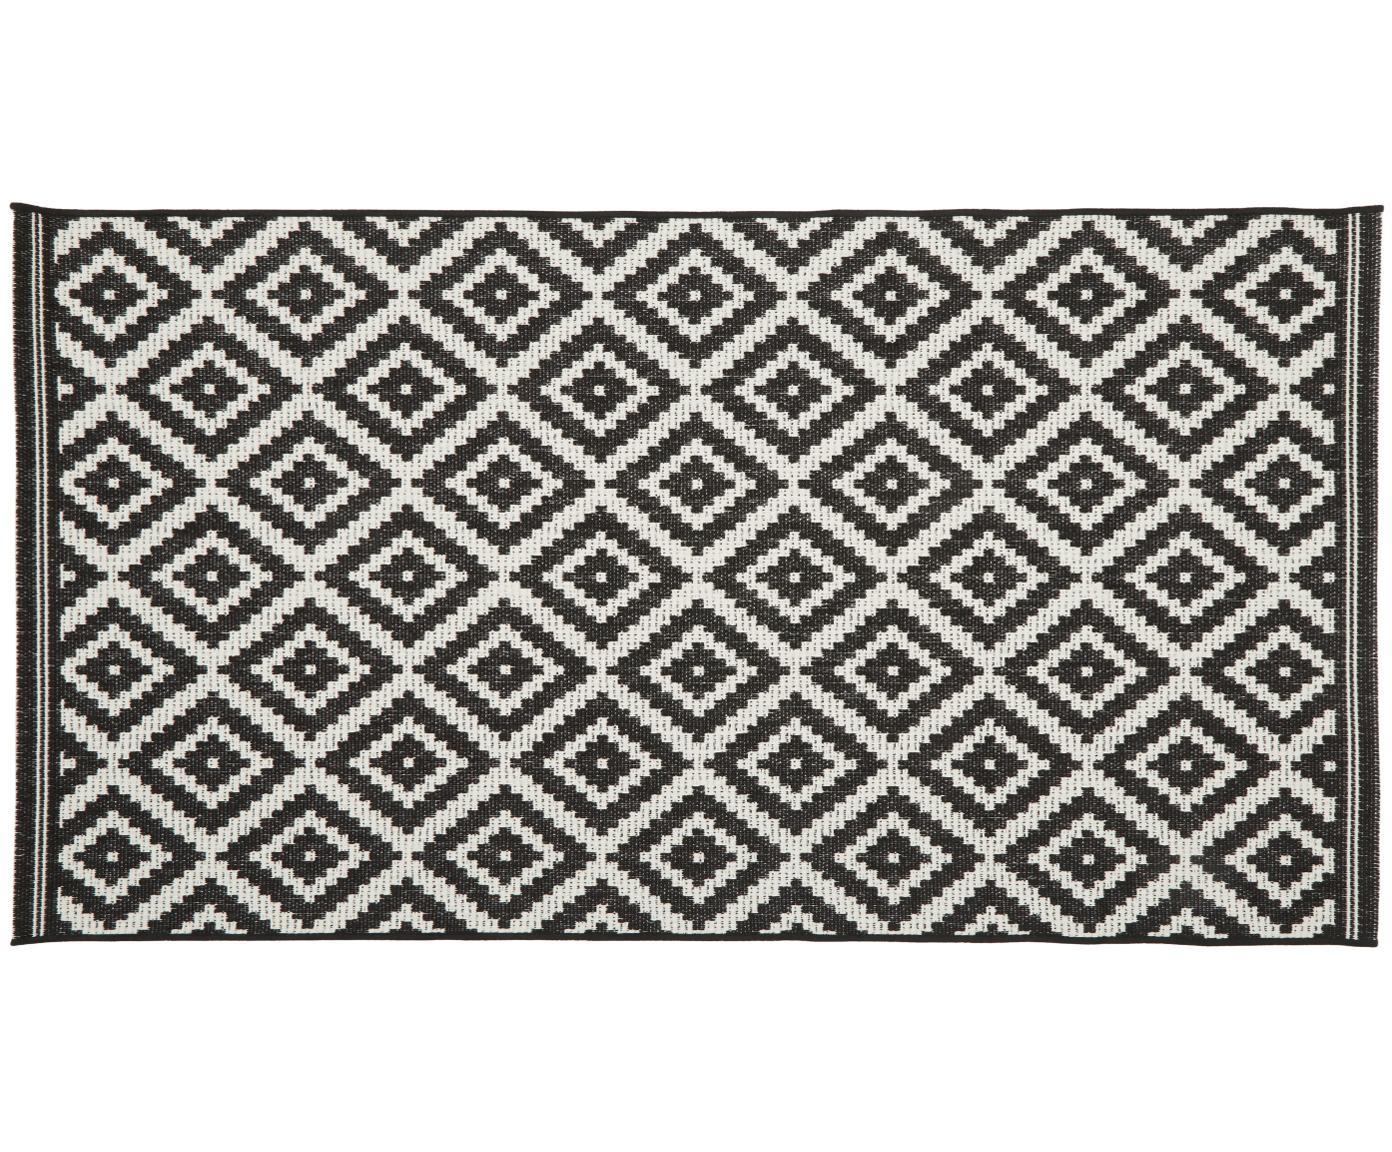 Gemusterter In- & Outdoor-Teppich Miami in Schwarz/Weiss, Flor: 100% Polypropylen, Cremeweiss, Schwarz, B 80 x L 150 cm (Grösse XS)